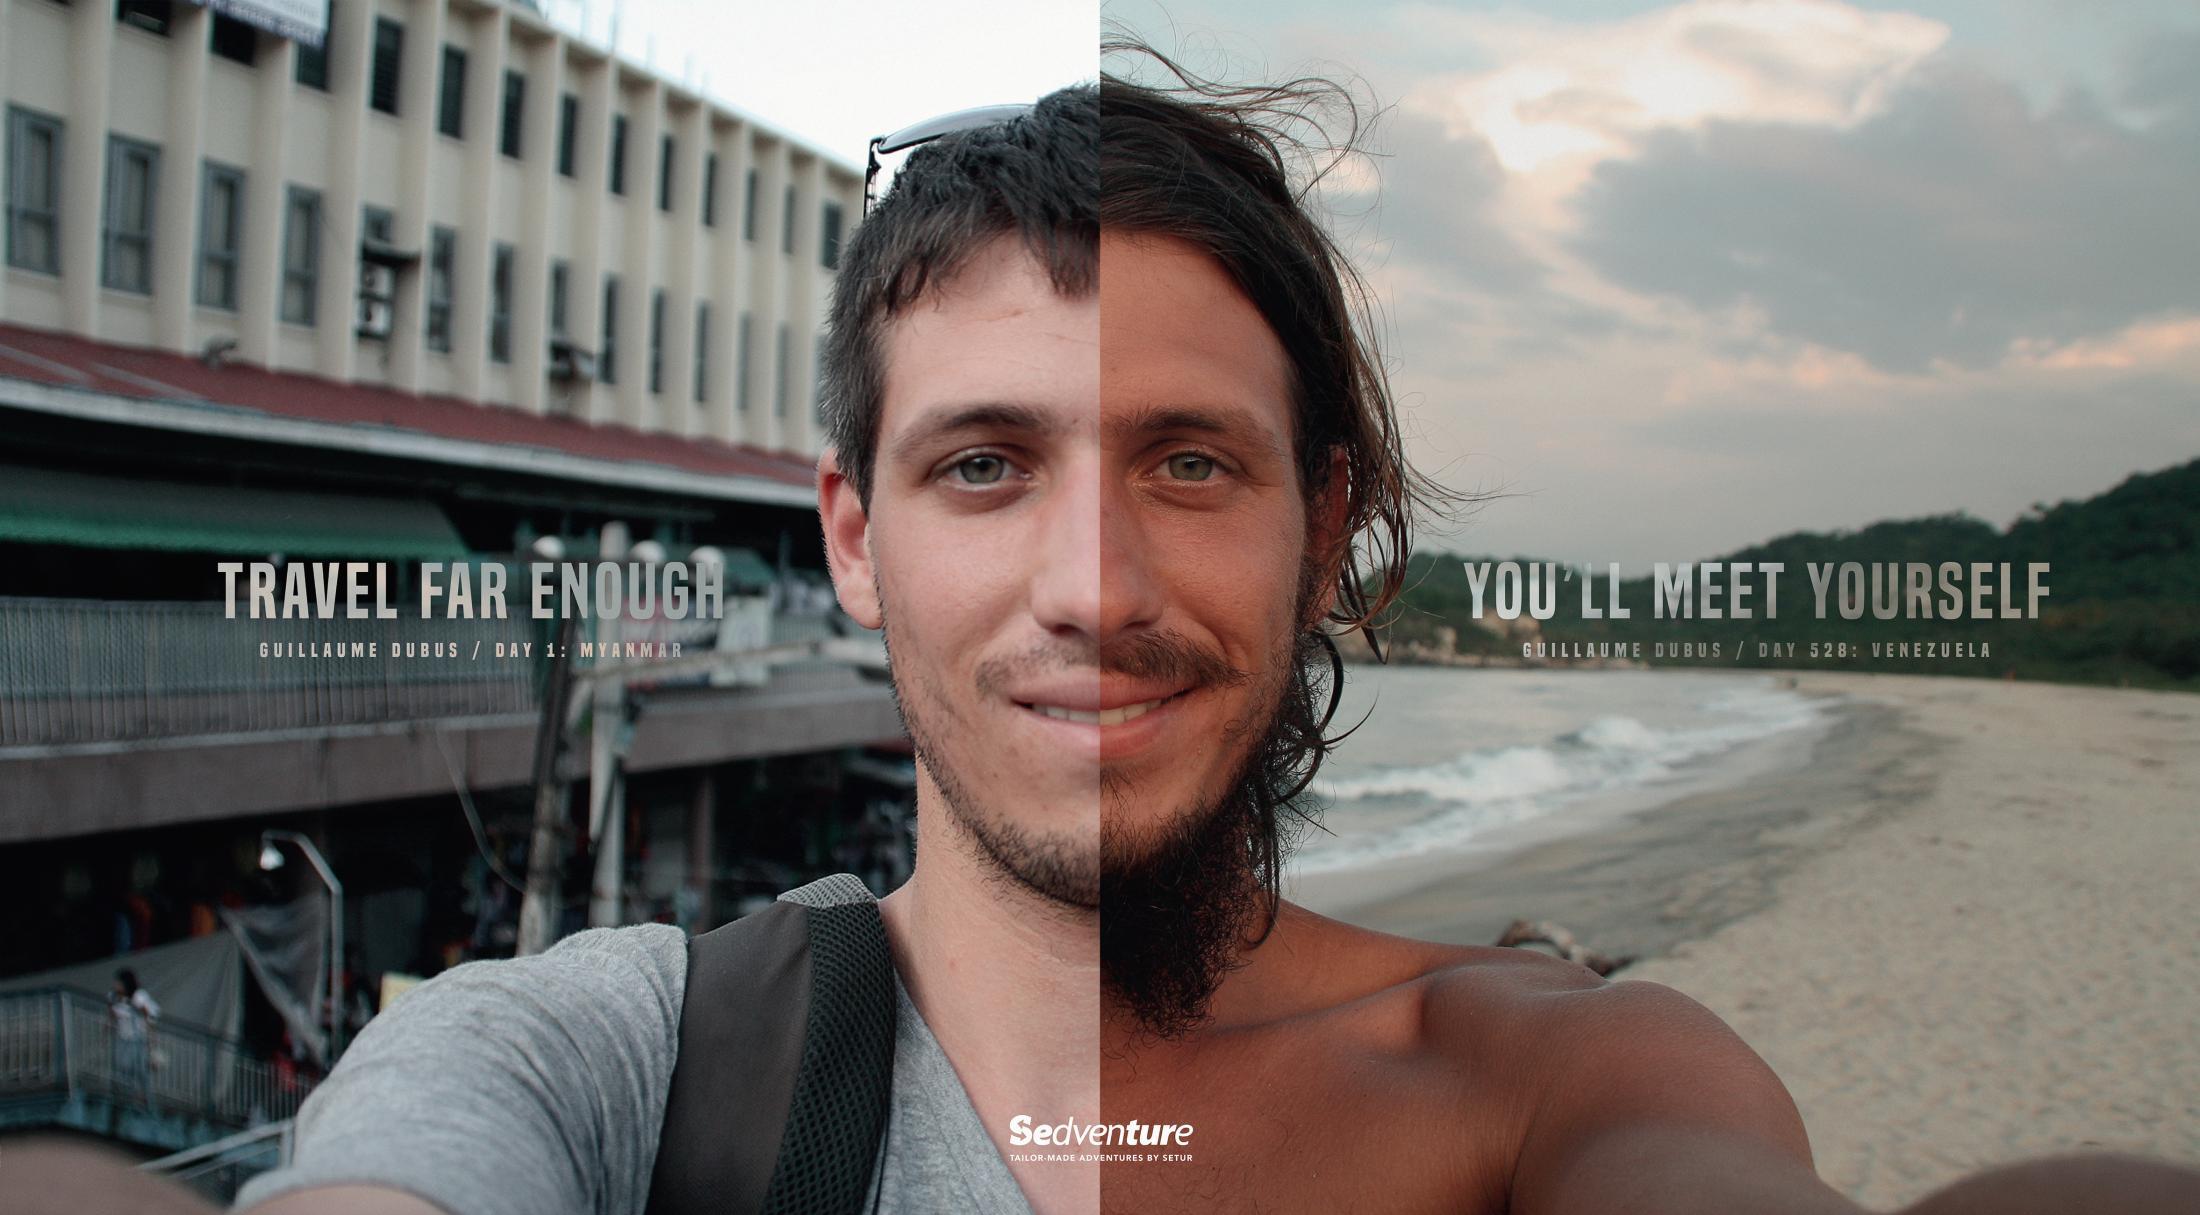 Kendinle Tanış, Guillaume Dubus - SETUR-türkiyenin-reklamları